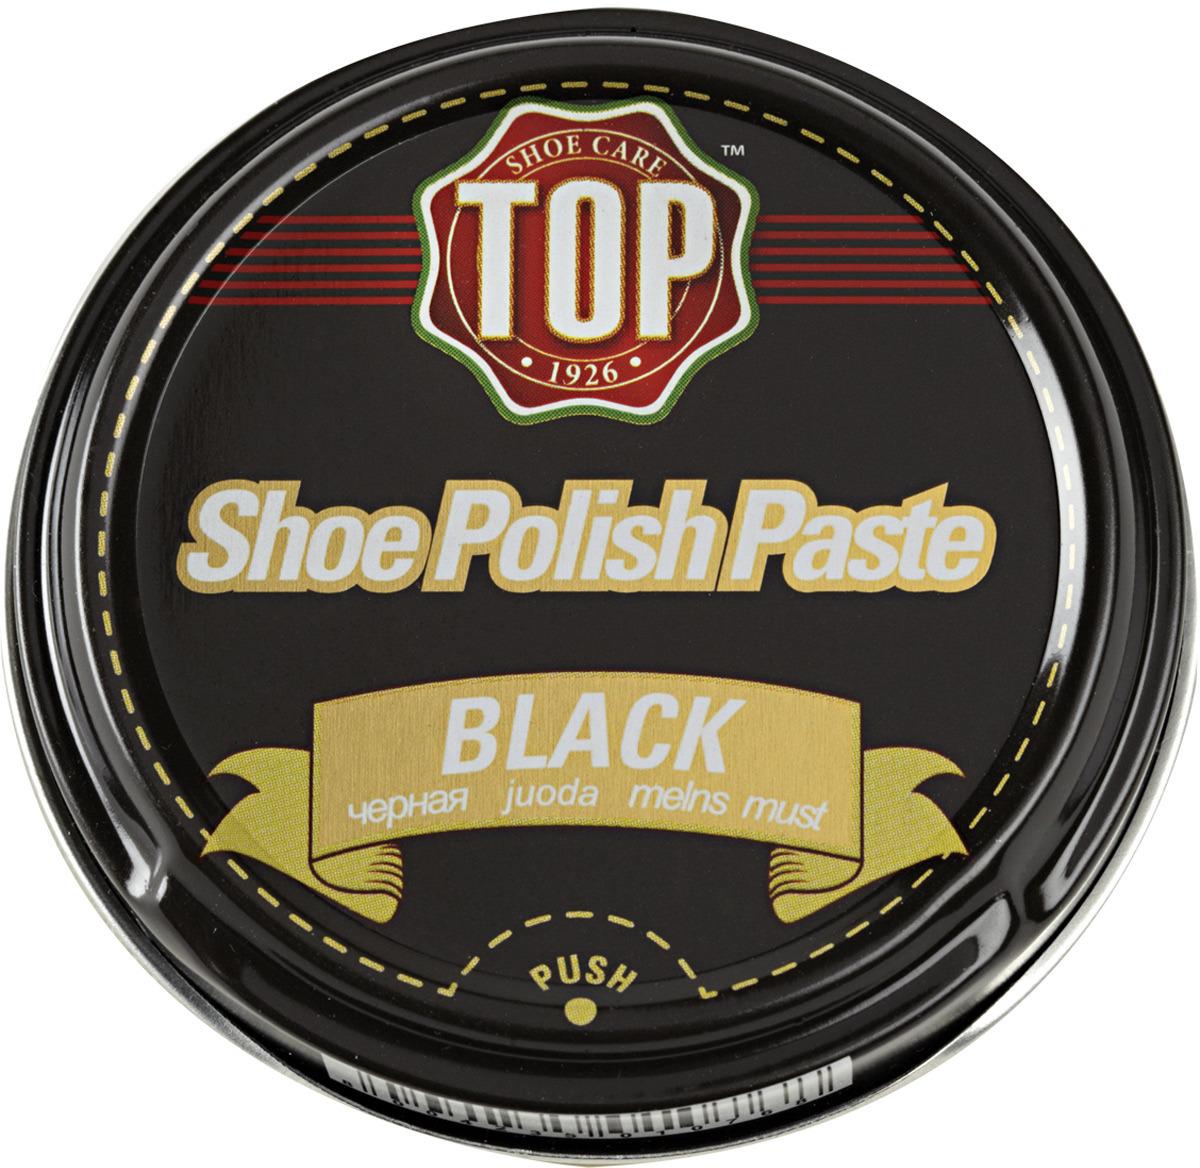 Крем для обуви TOP, цвет: черный, 50 мл